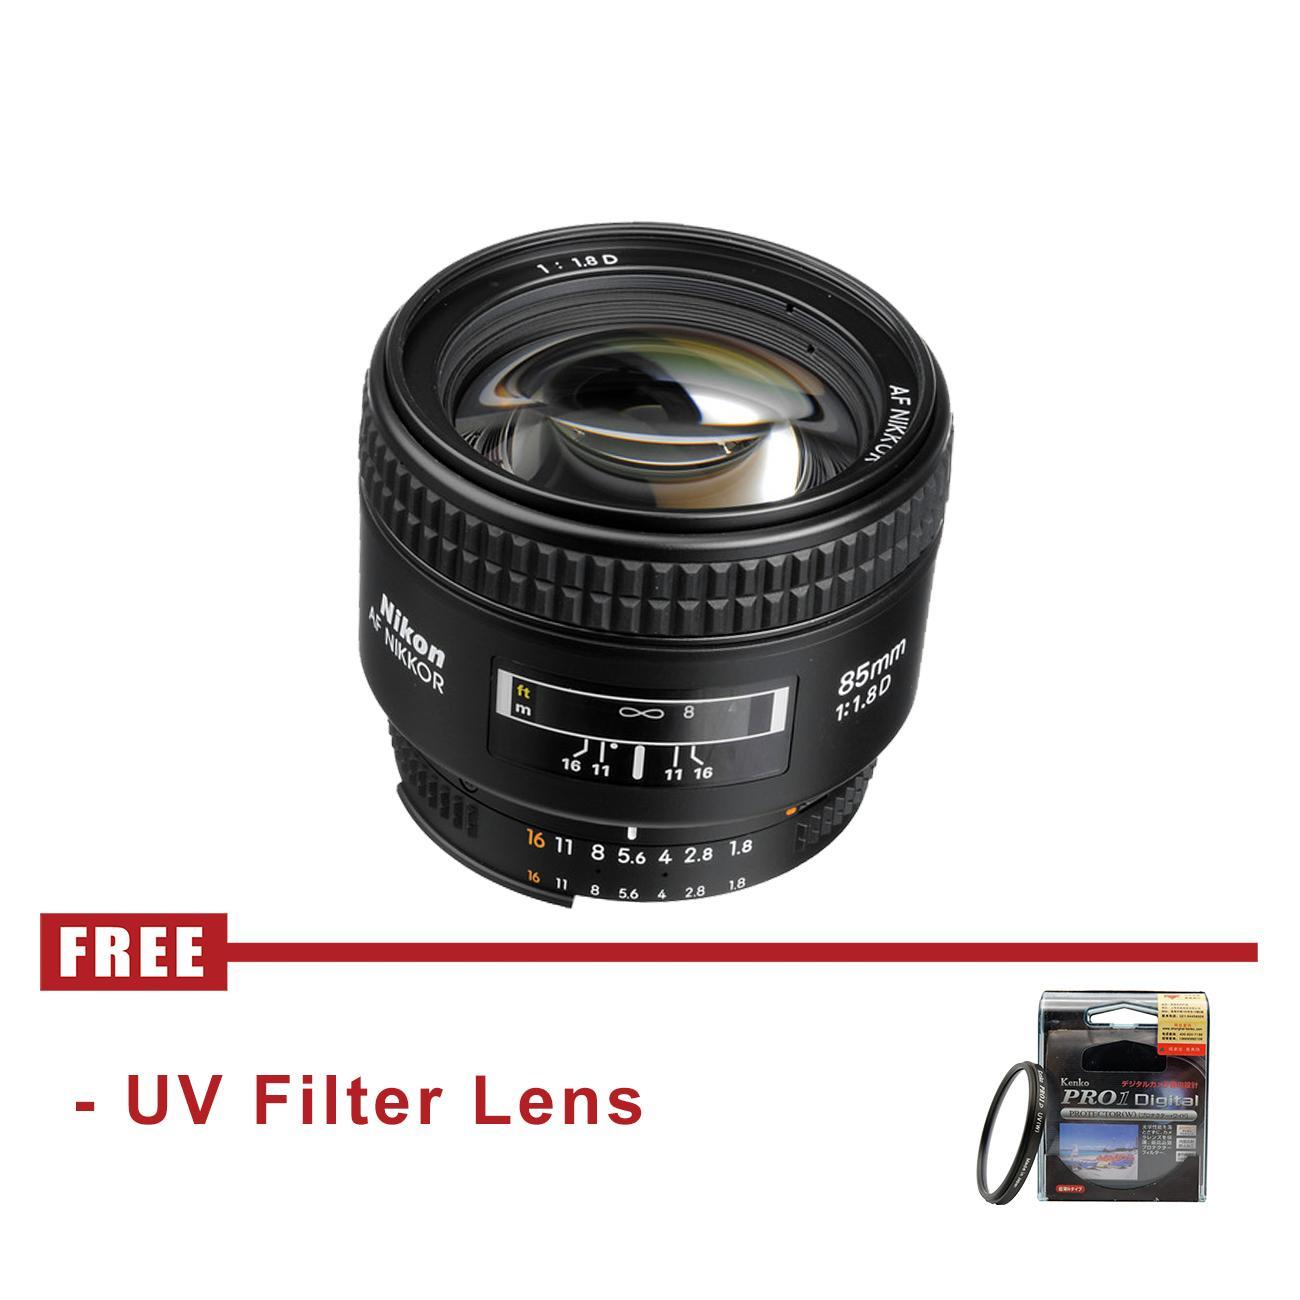 Lensa Nikon AF Nikkor 85mm f/1.8D - FREE UV Filter Lens